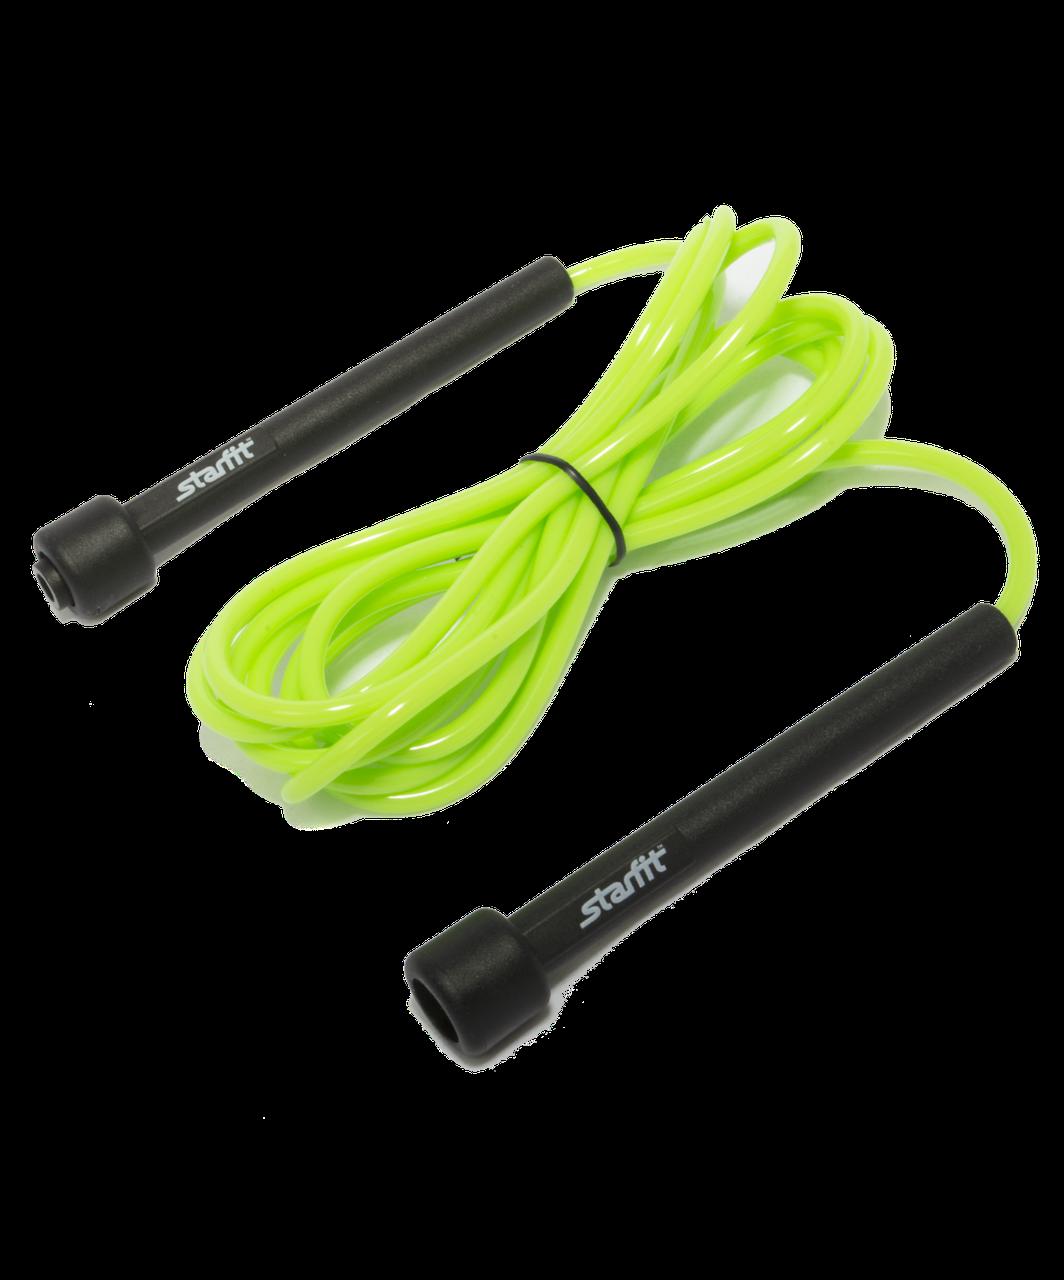 Скакалка RP-101 ПВХ с плаcтиковой ручкой, зеленая, 3 м